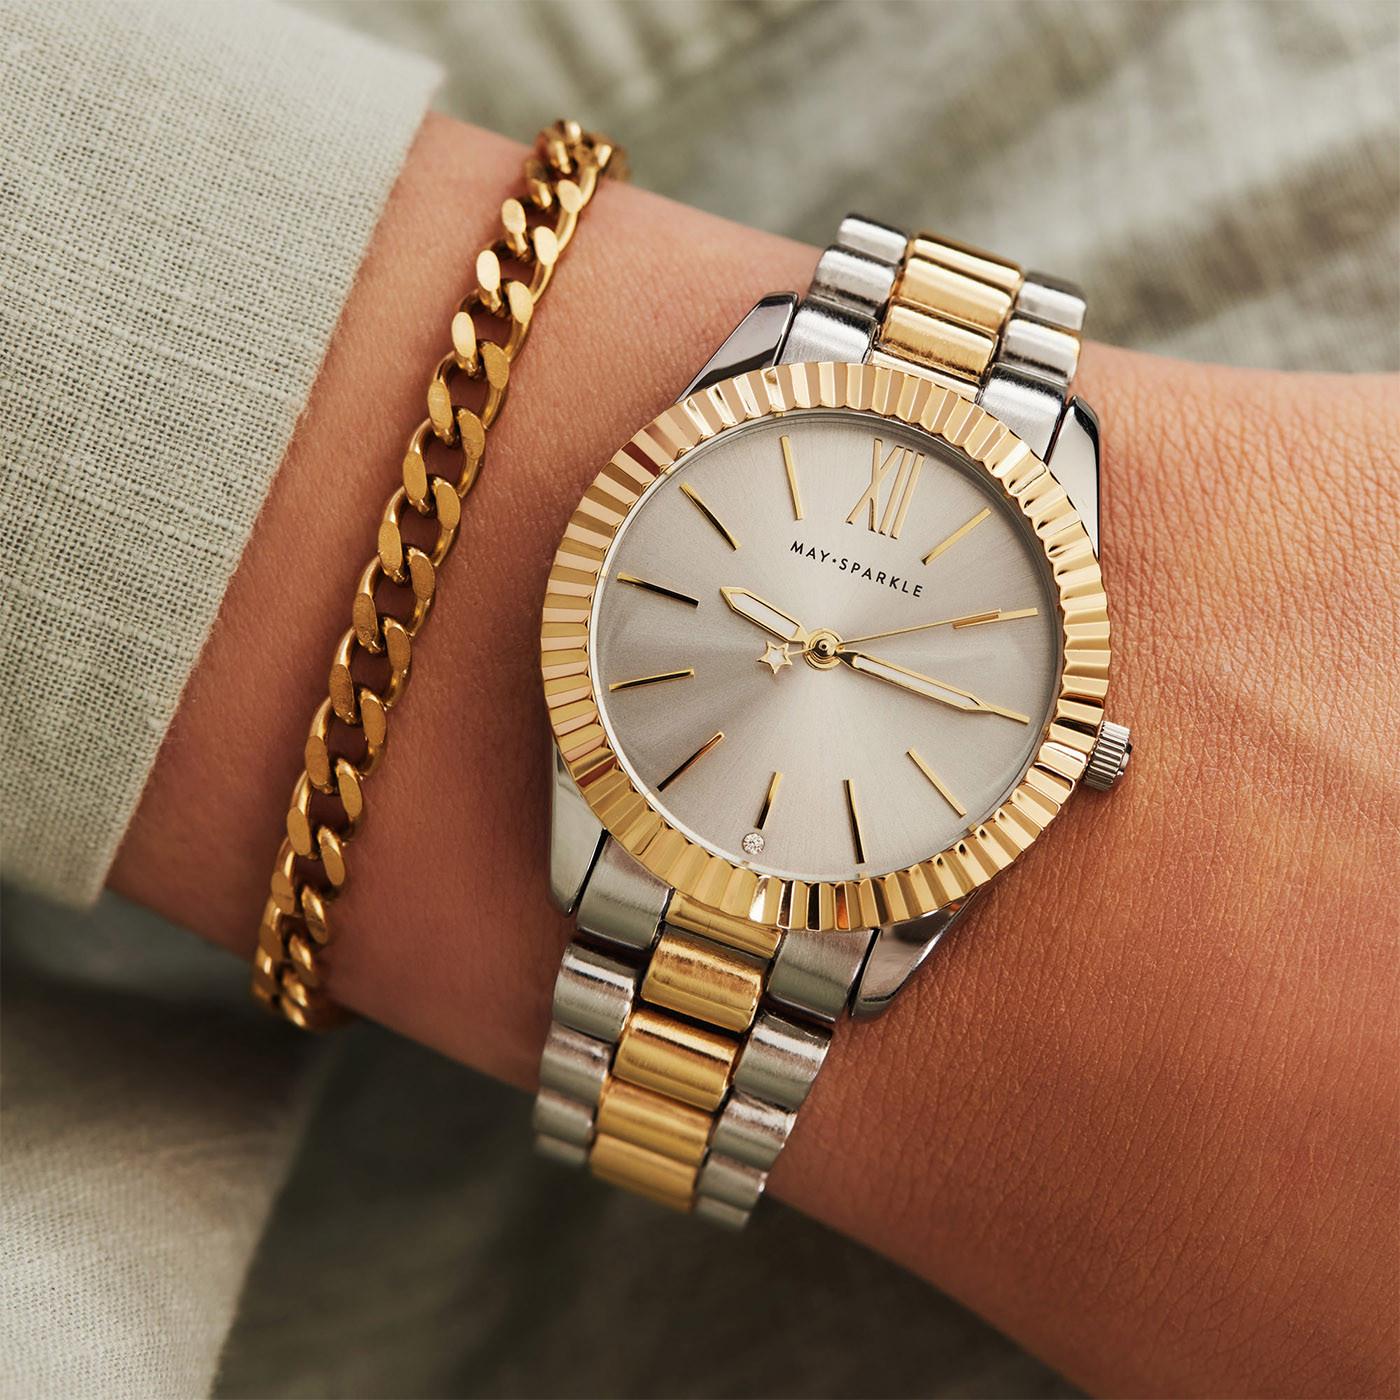 May Sparkle Luxurious Life Stormy Zilver- en Goudkleurig/Grijs horloge MSA007